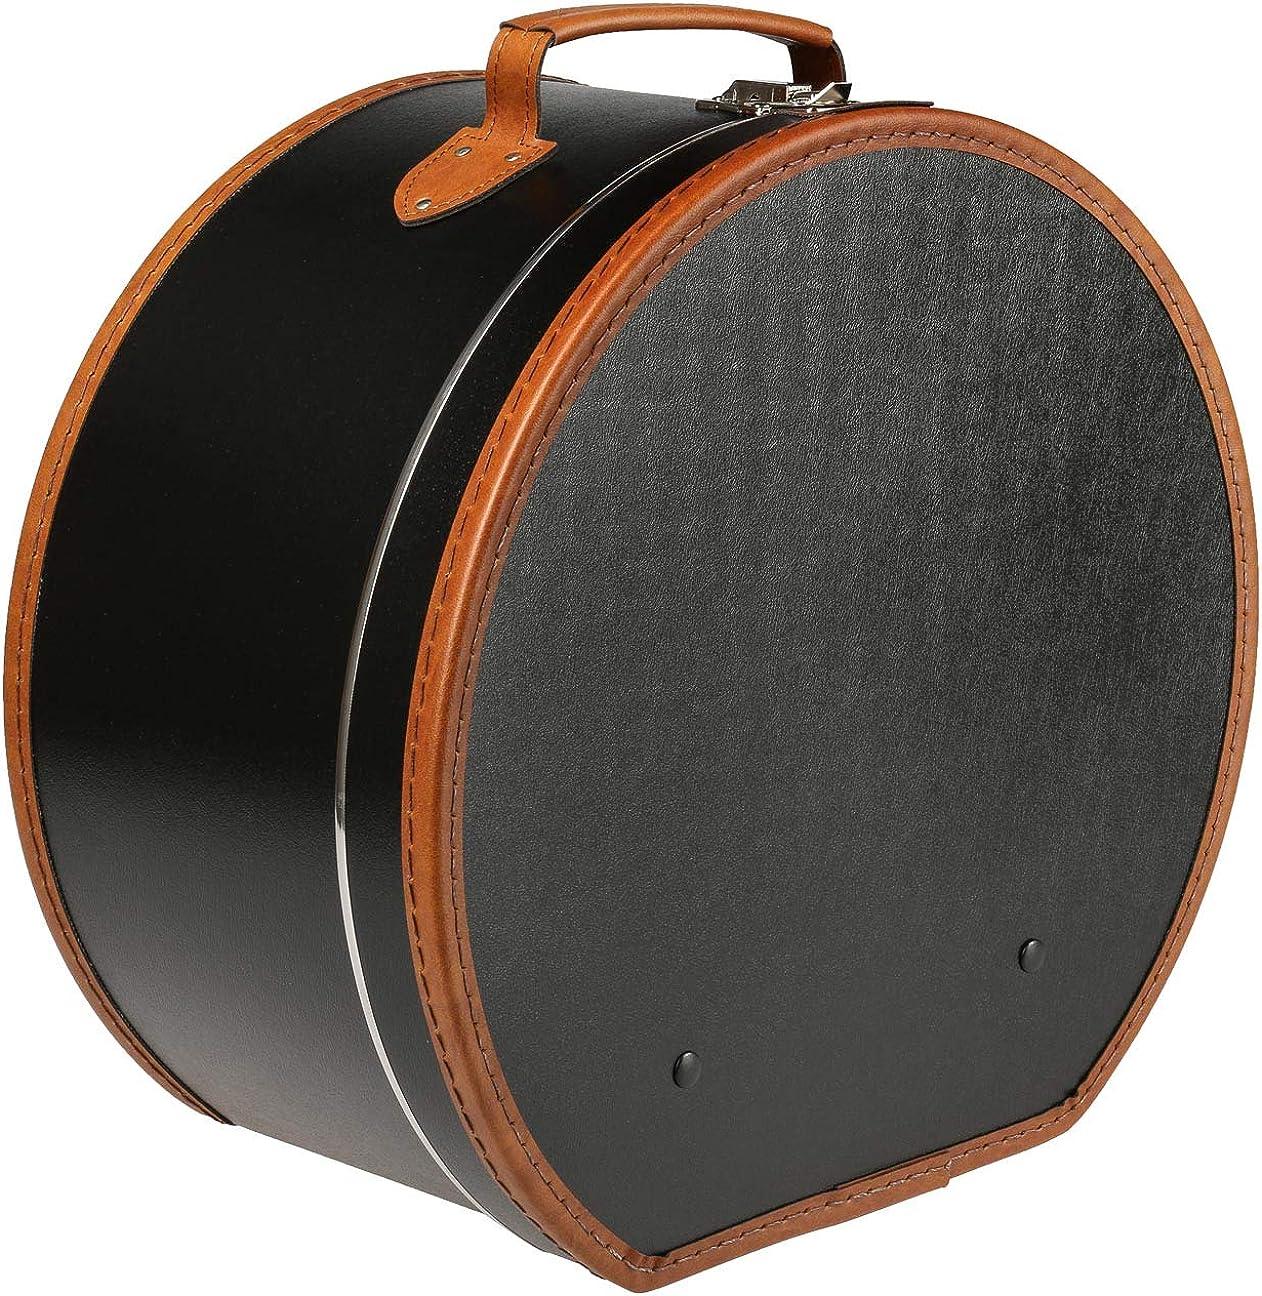 Lierys Sombrerera Redonda Negra 50 cm x 22 cm x 47 cm - Caja para Sombrero Grande de Piel sintética - con asa y Cierre - Caja para Sombrero - También como decoración para el Piso